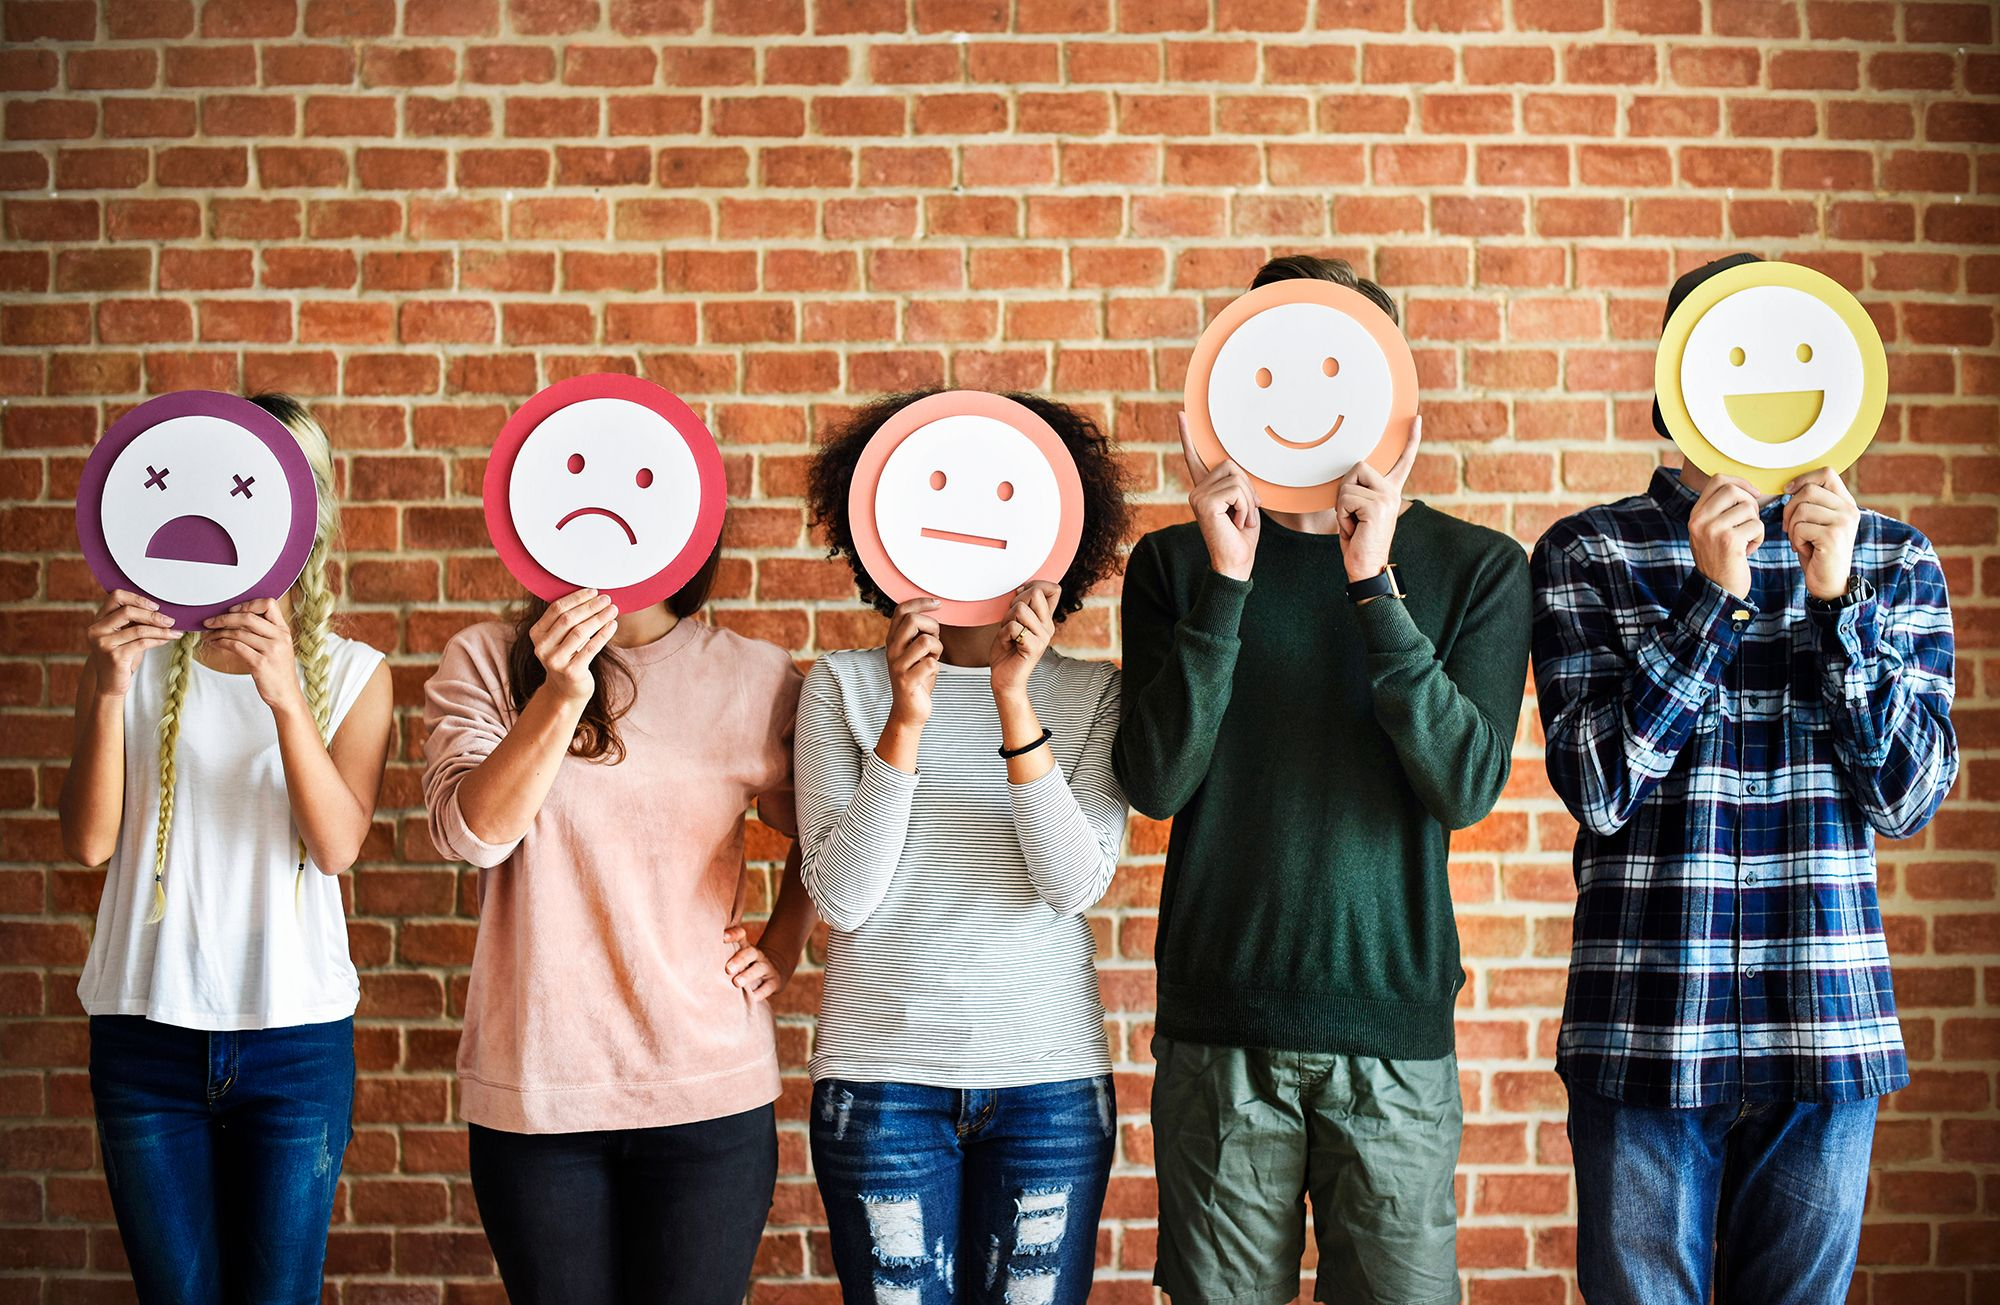 Naša čustva in telo nam govorijo, kako se počutimo v odnosu z določeno osebo.